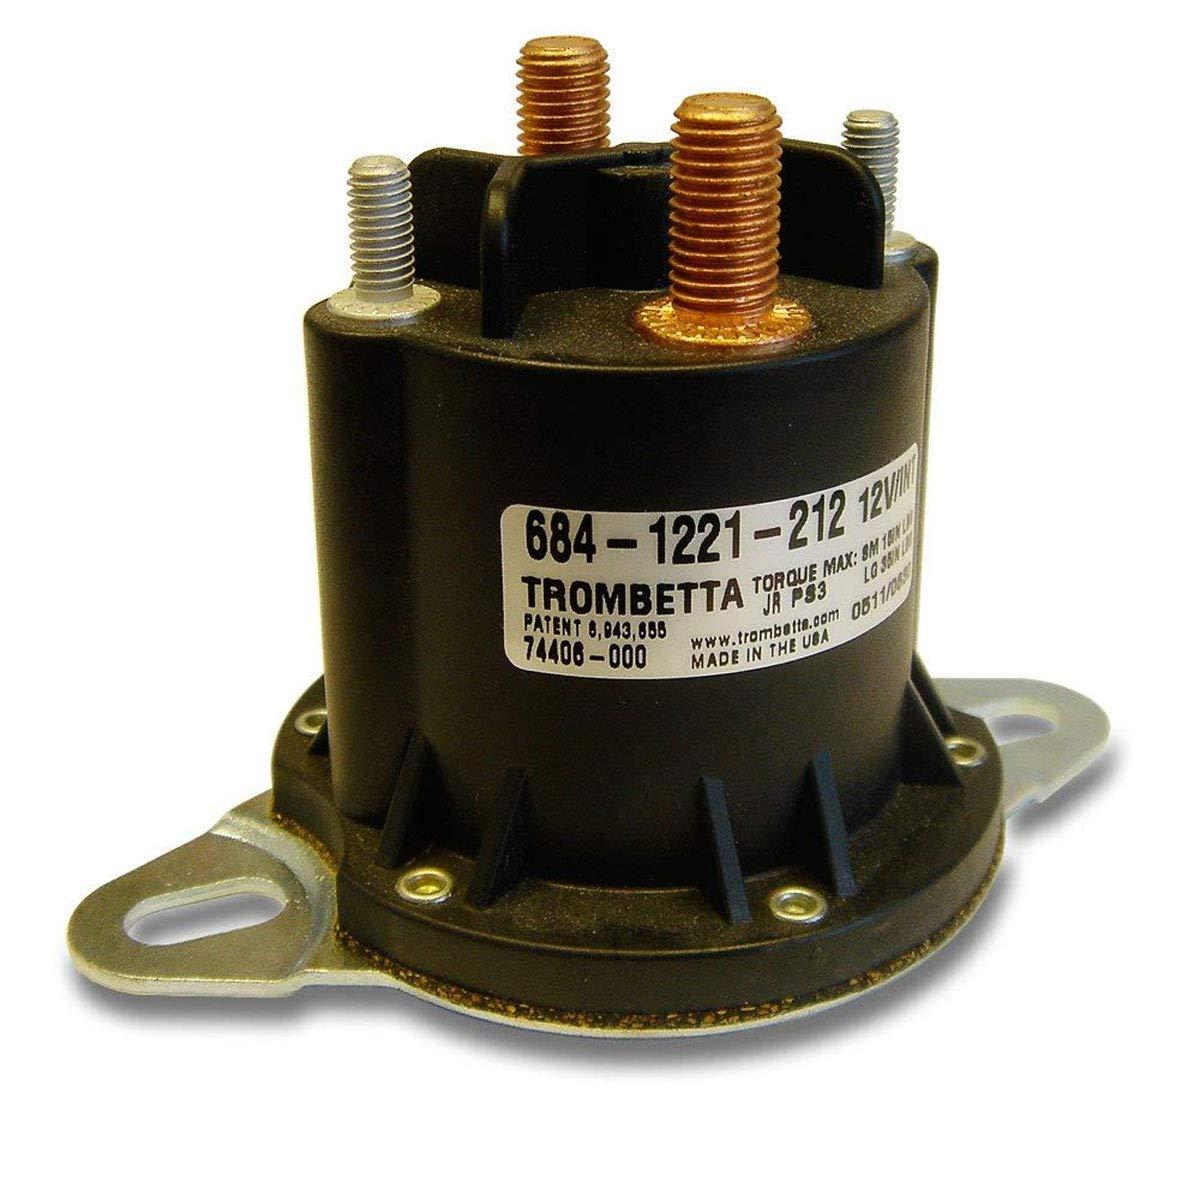 Trombetta 684-1221-212 12 Volt PowerSeal DC Contactor